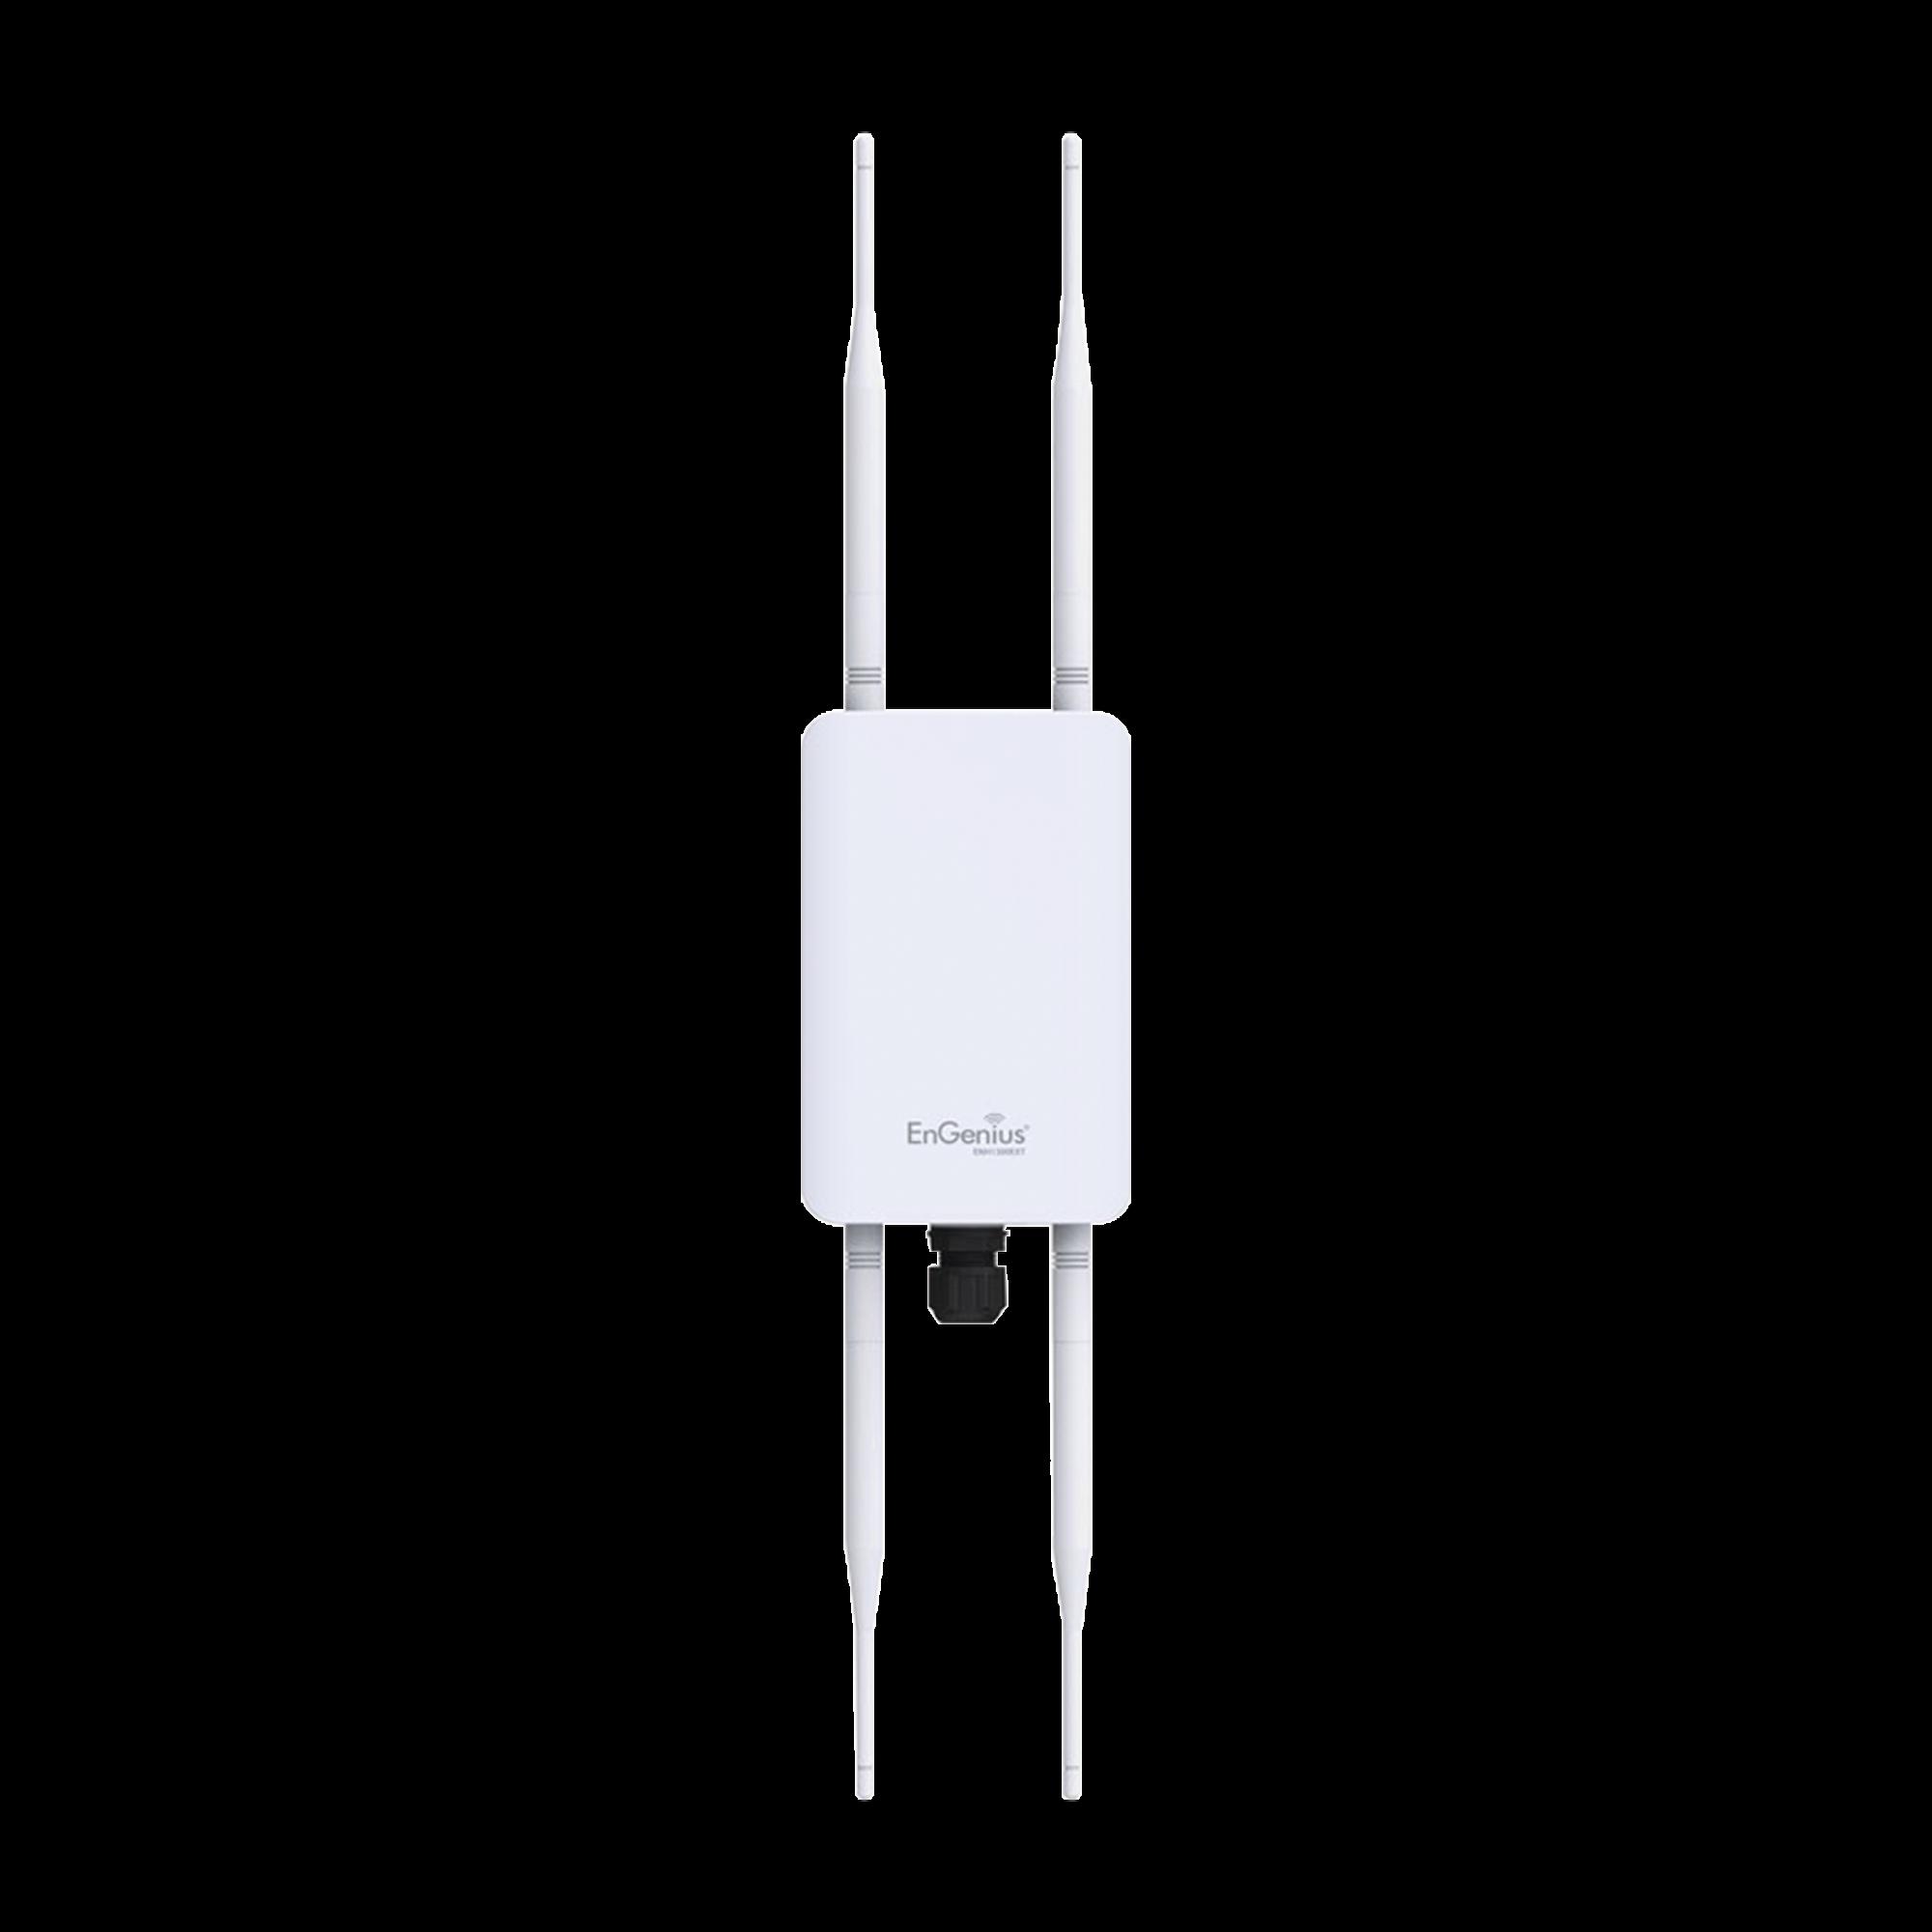 Punto de Acceso WiFi para Exterior, MU-MIMO 2x2, Doble Banda 2.4 y 5 GHz, Hasta 1267 Mbps, Grado de Proteccion IP67, 250+ Usuarios Simultáneos